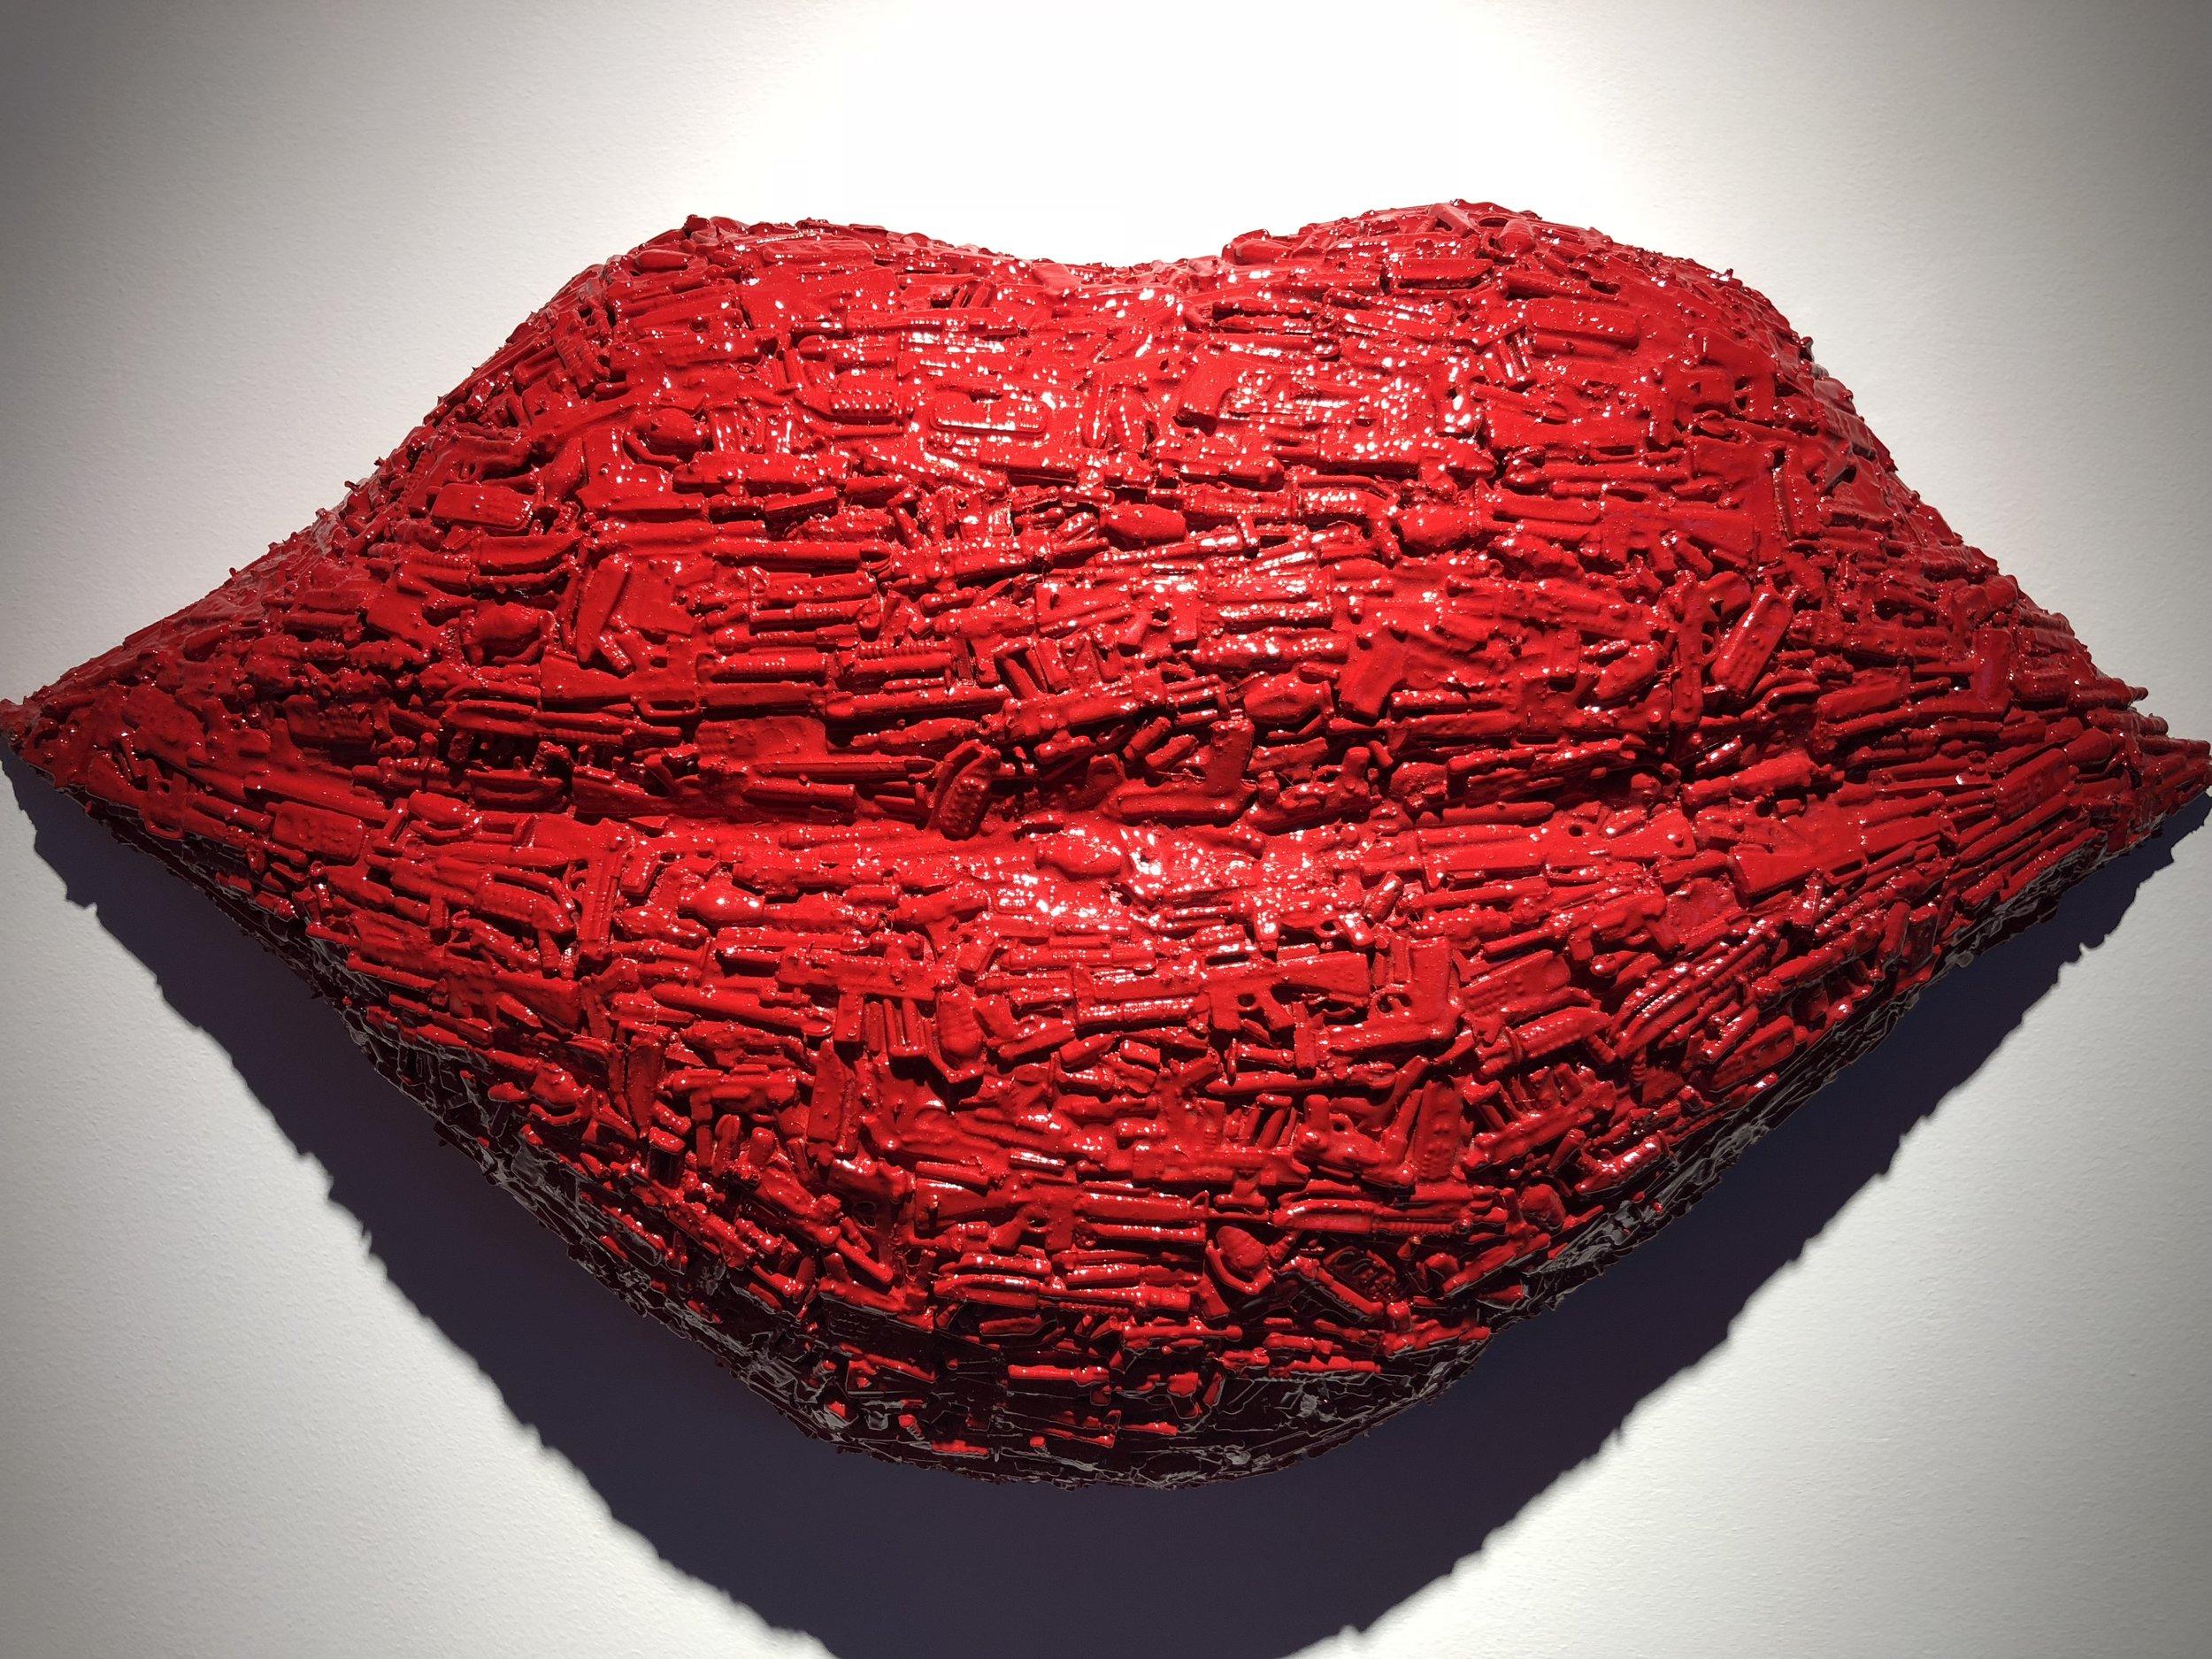 Hot Lips by Palestinian artist Bashar Al Hroub